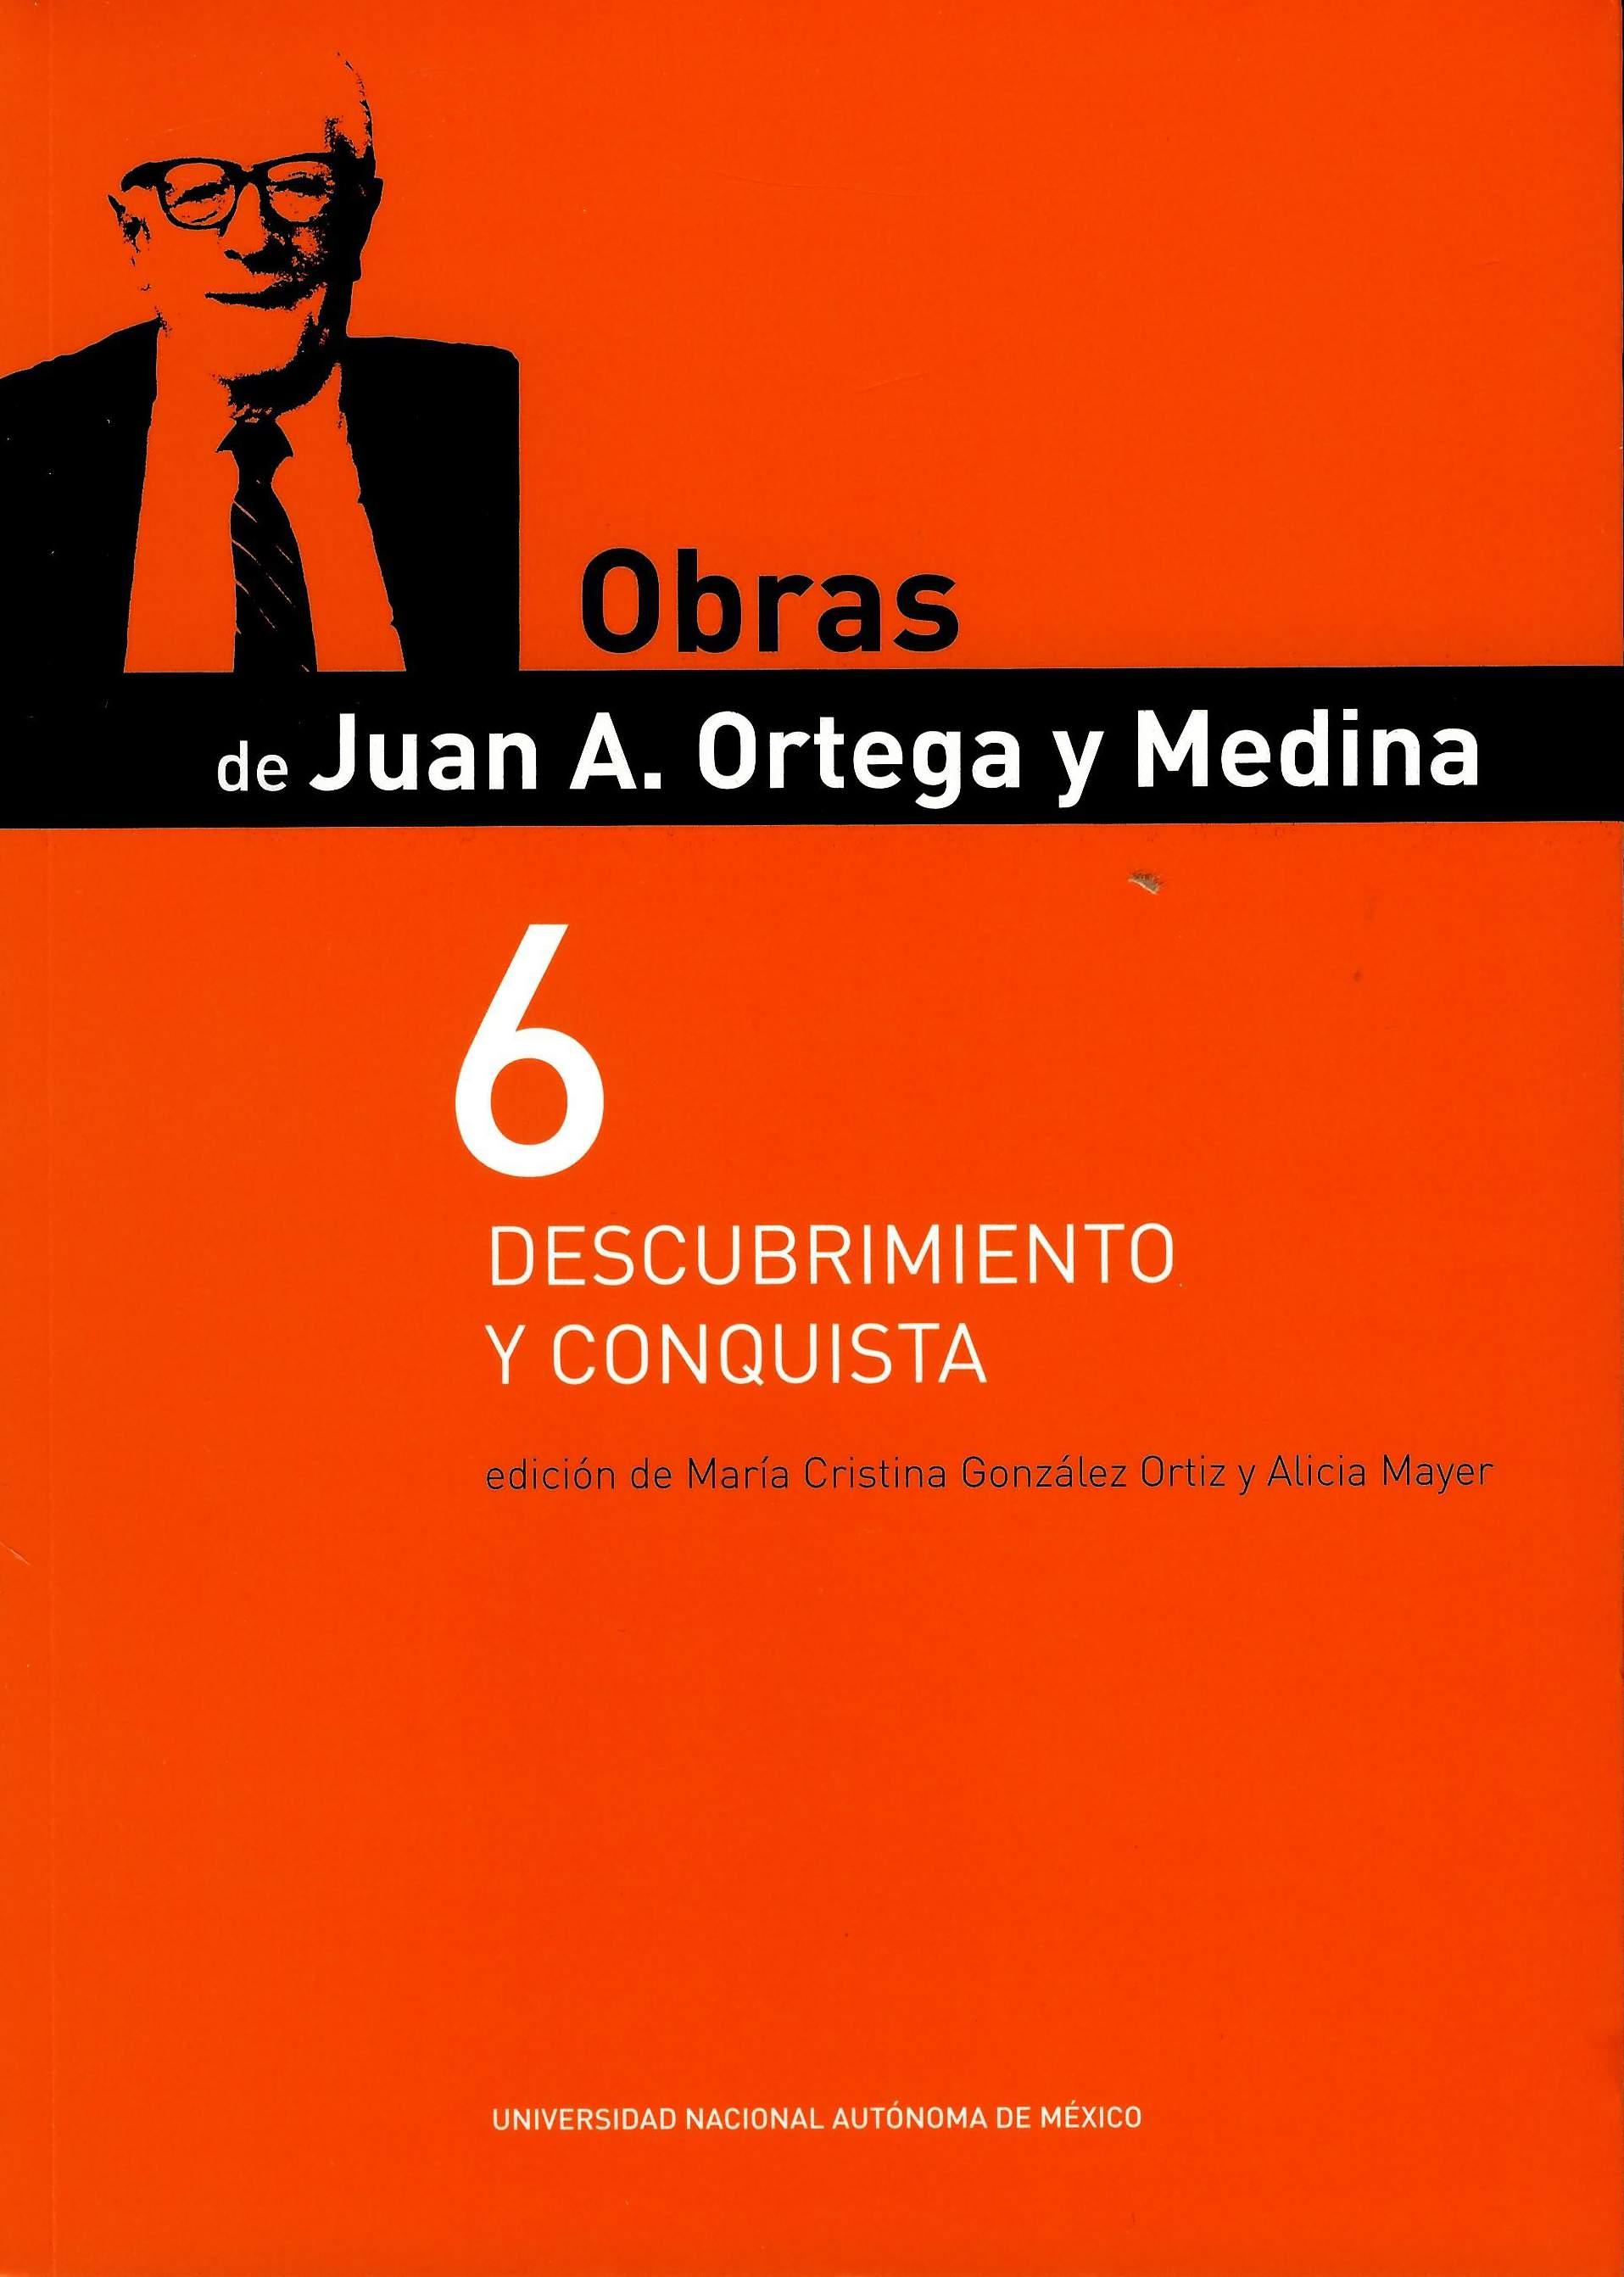 Obras de Juan A. Ortega y Medina 6 Descubrimiento y conquista